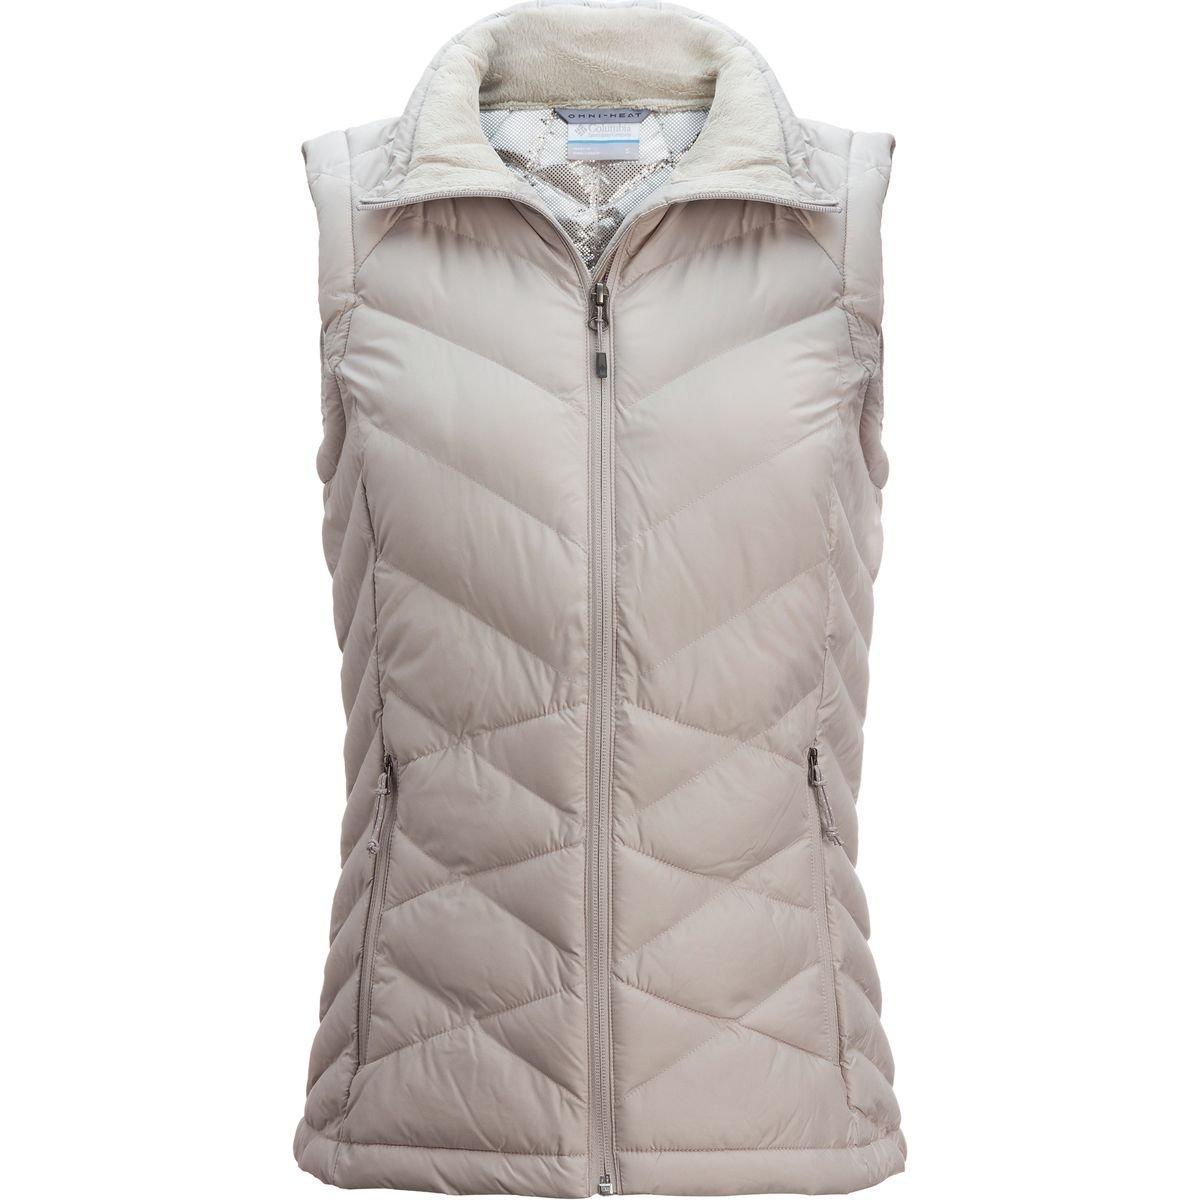 2b46ded68 Columbia Women's Heavenly Vest